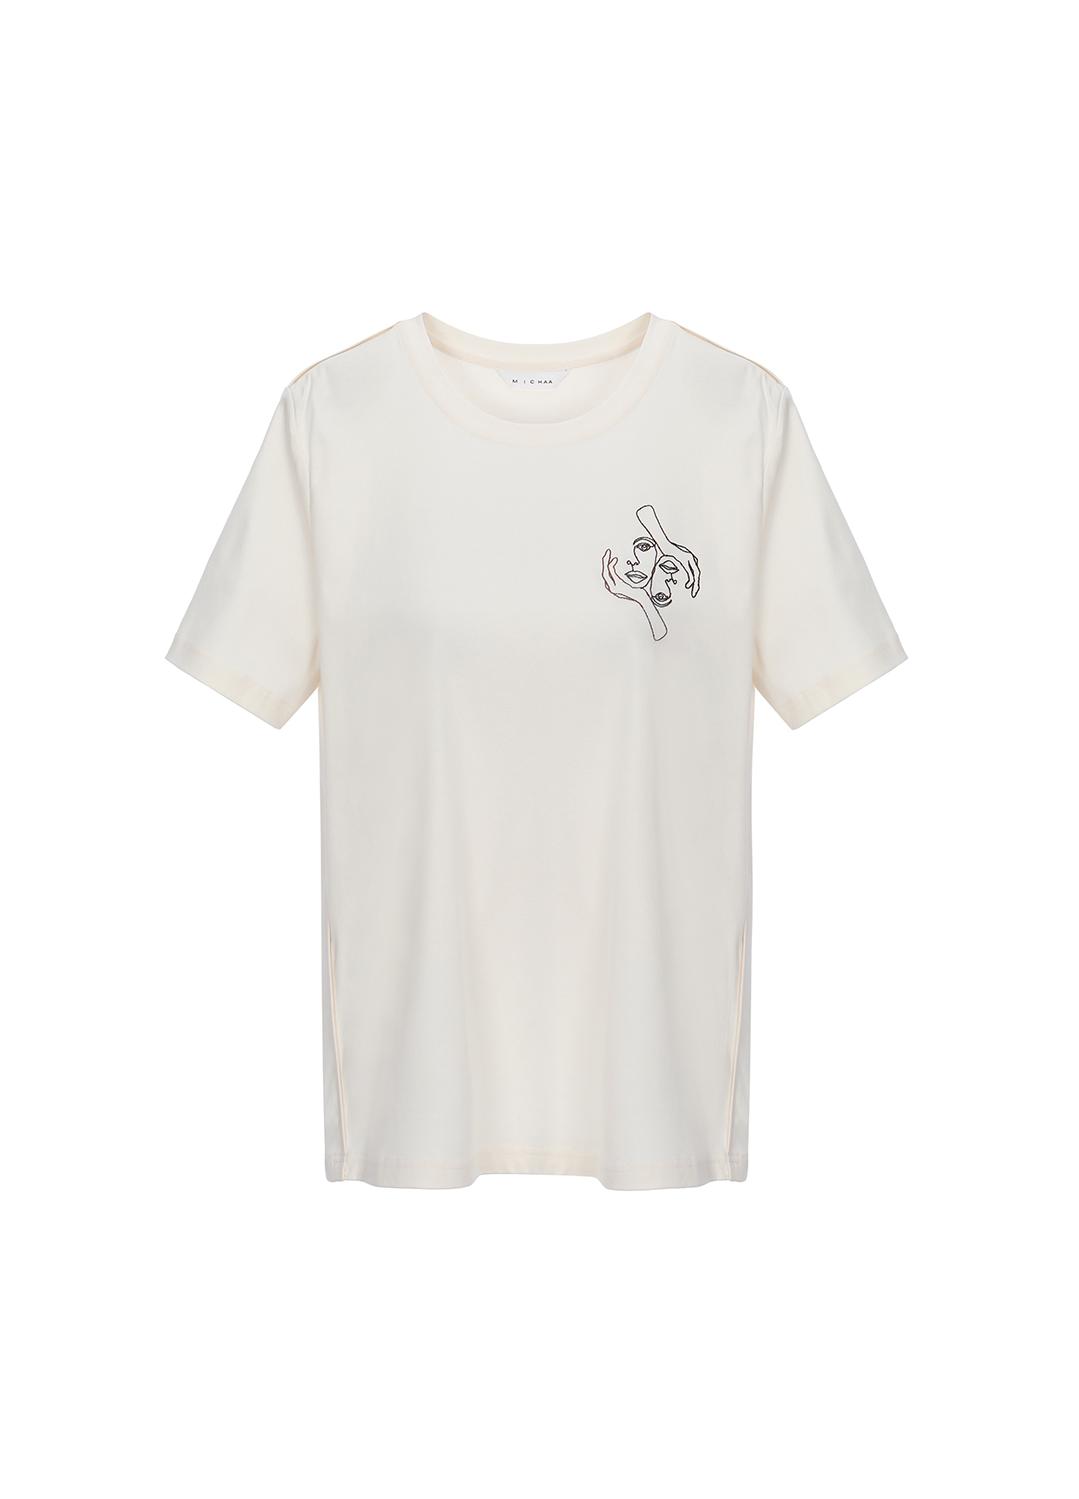 코튼 프린팅 포인트  티셔츠